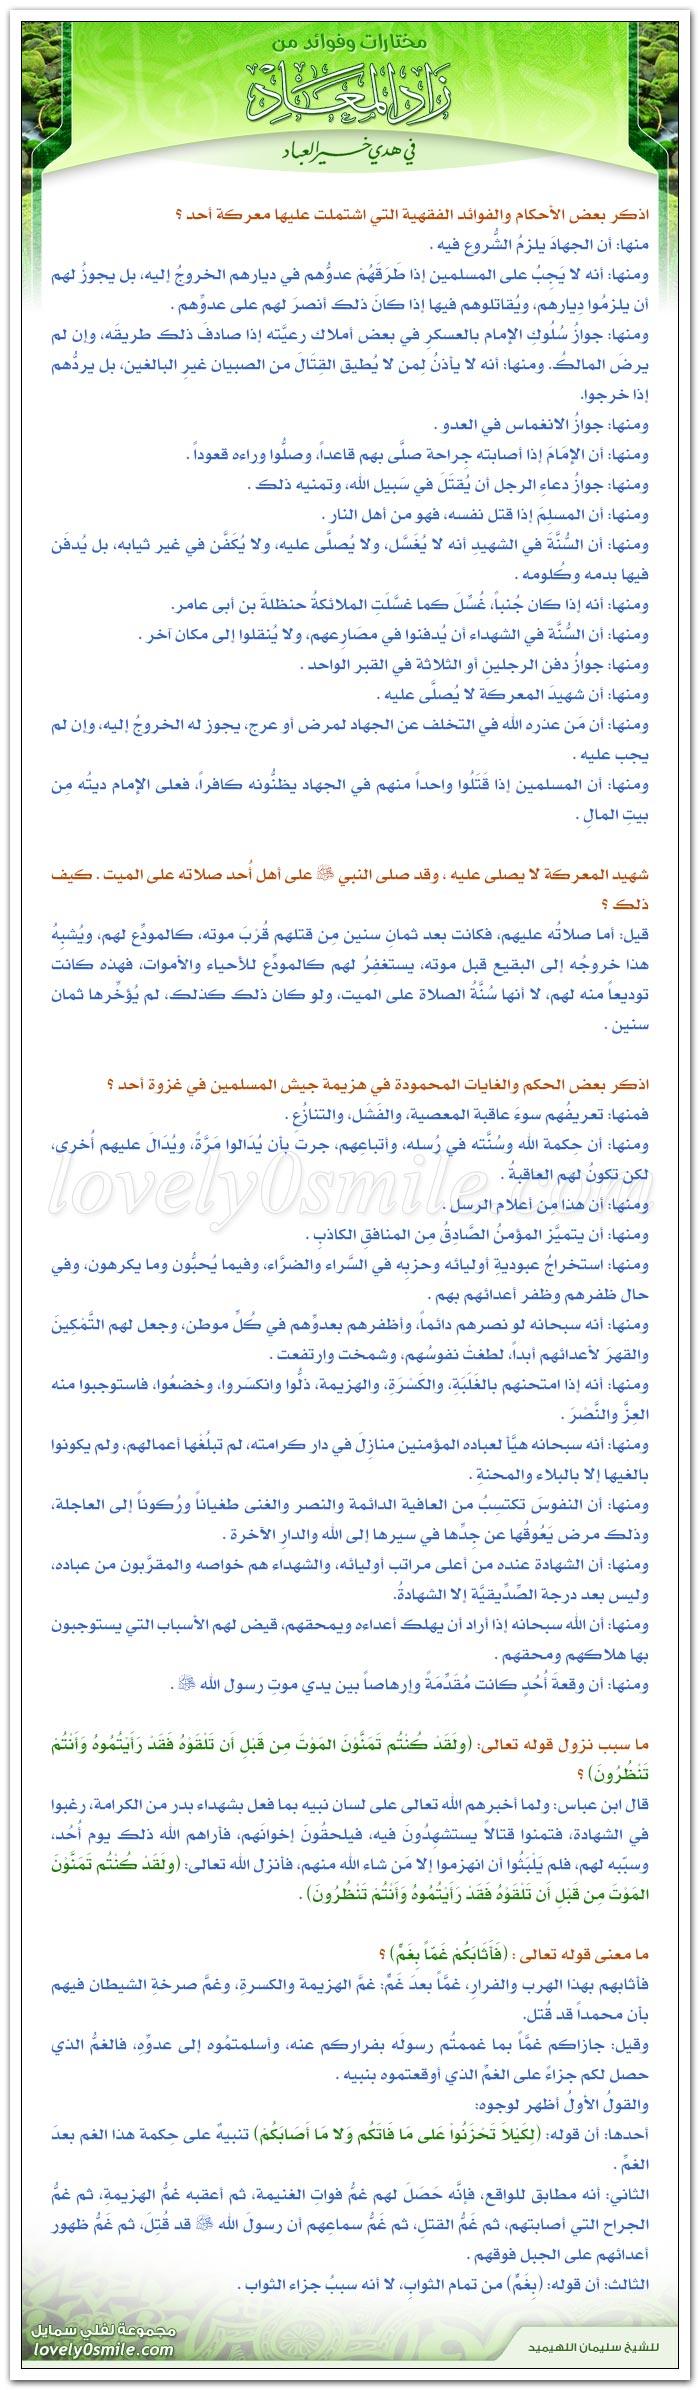 الأحكام والفوائد zad-107.jpg